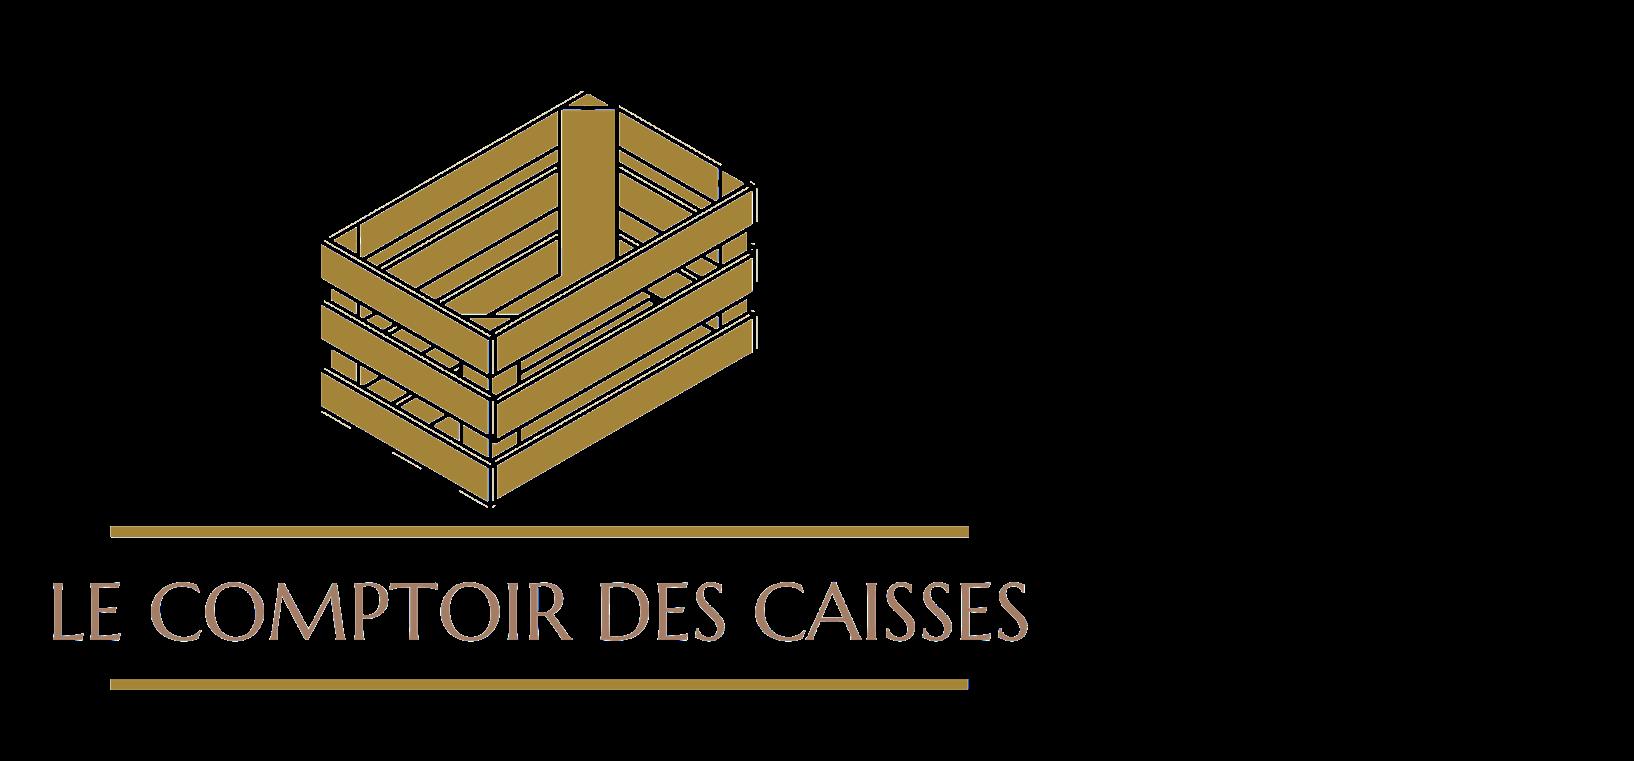 Le Comptoir des Caisses | Caisses en bois Vintage | Coffres en bois